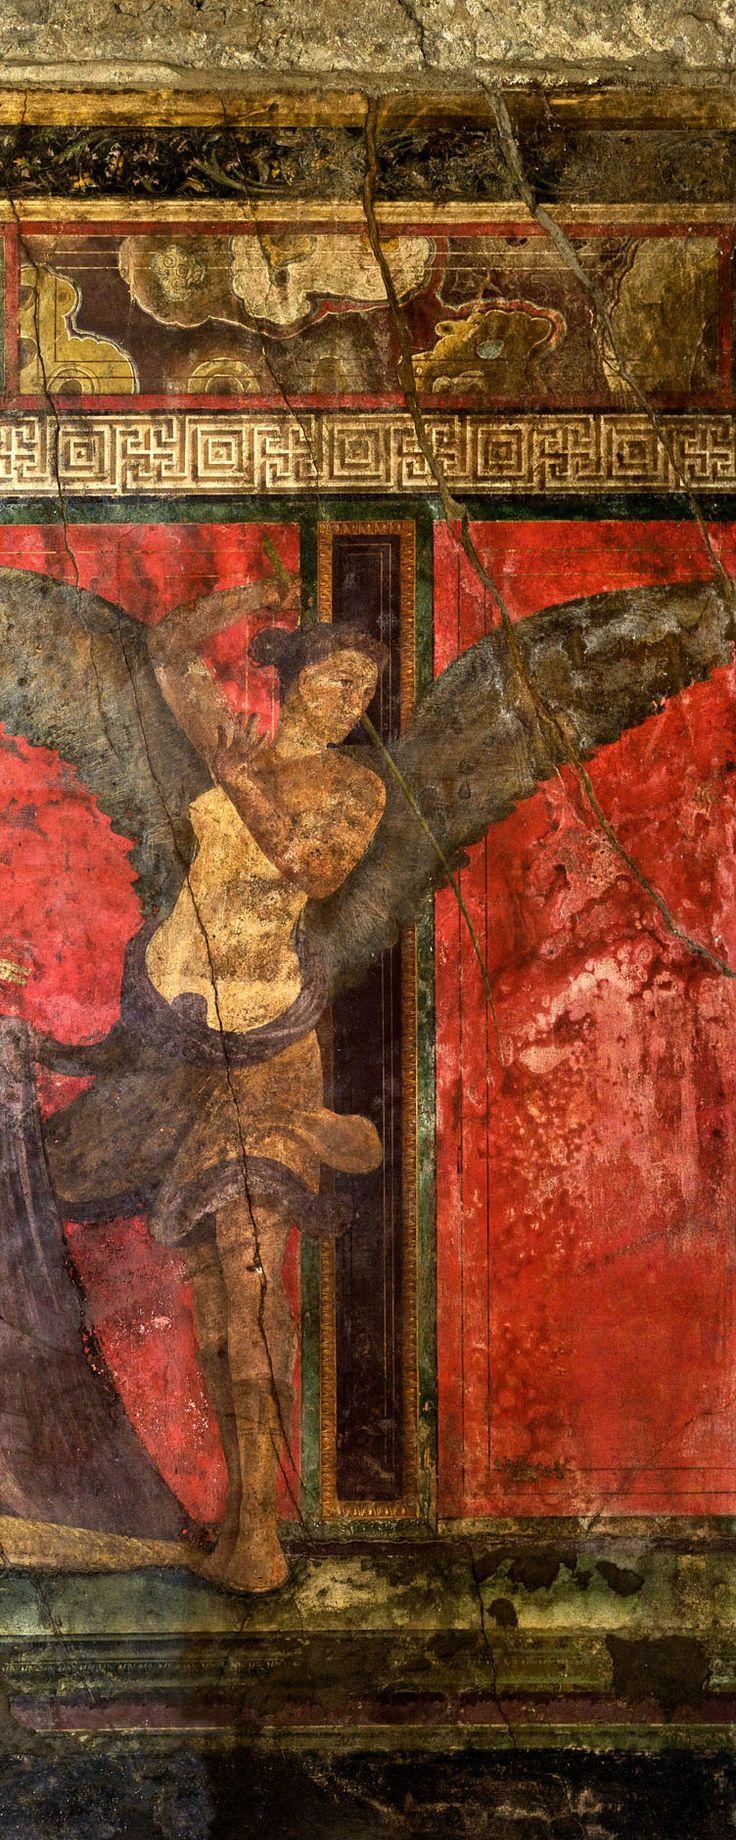 Tuscany, Italy - My Angel Has Black Wings | Igor Menaker Fine Art Photography